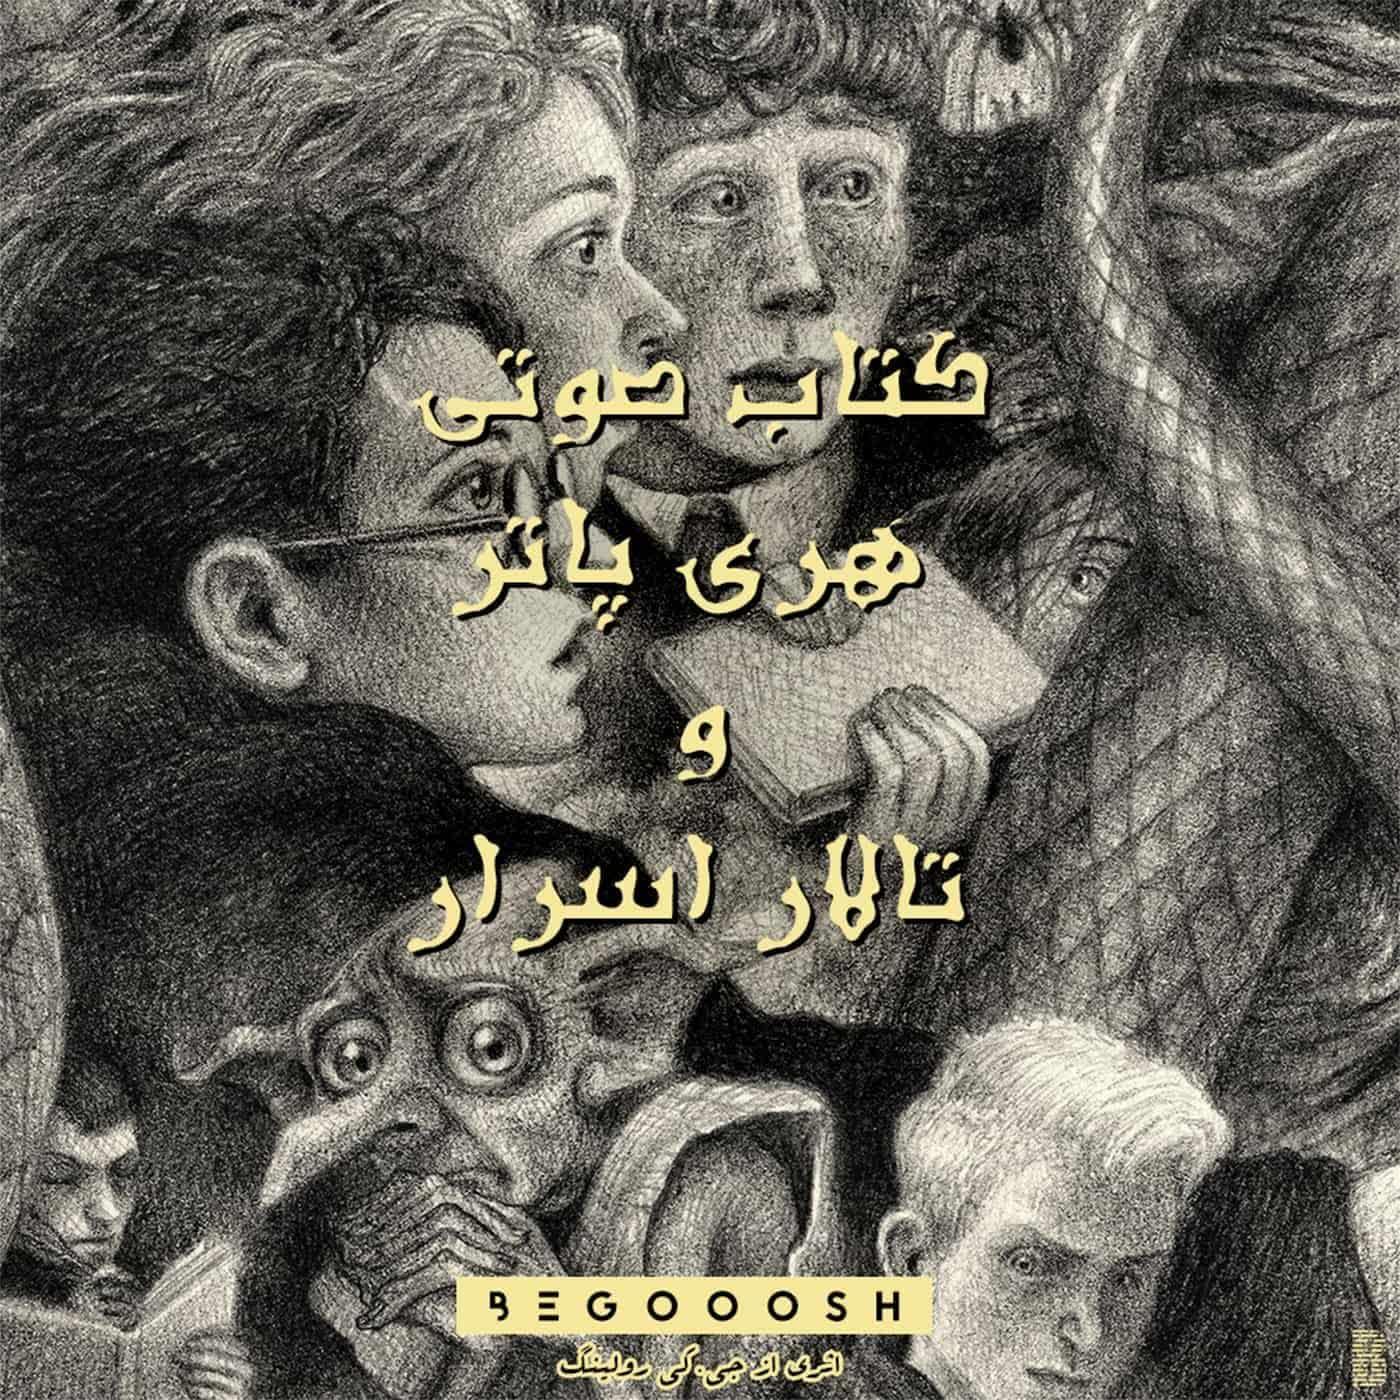 کتاب صوتی هری پاتر و تالار اسرار